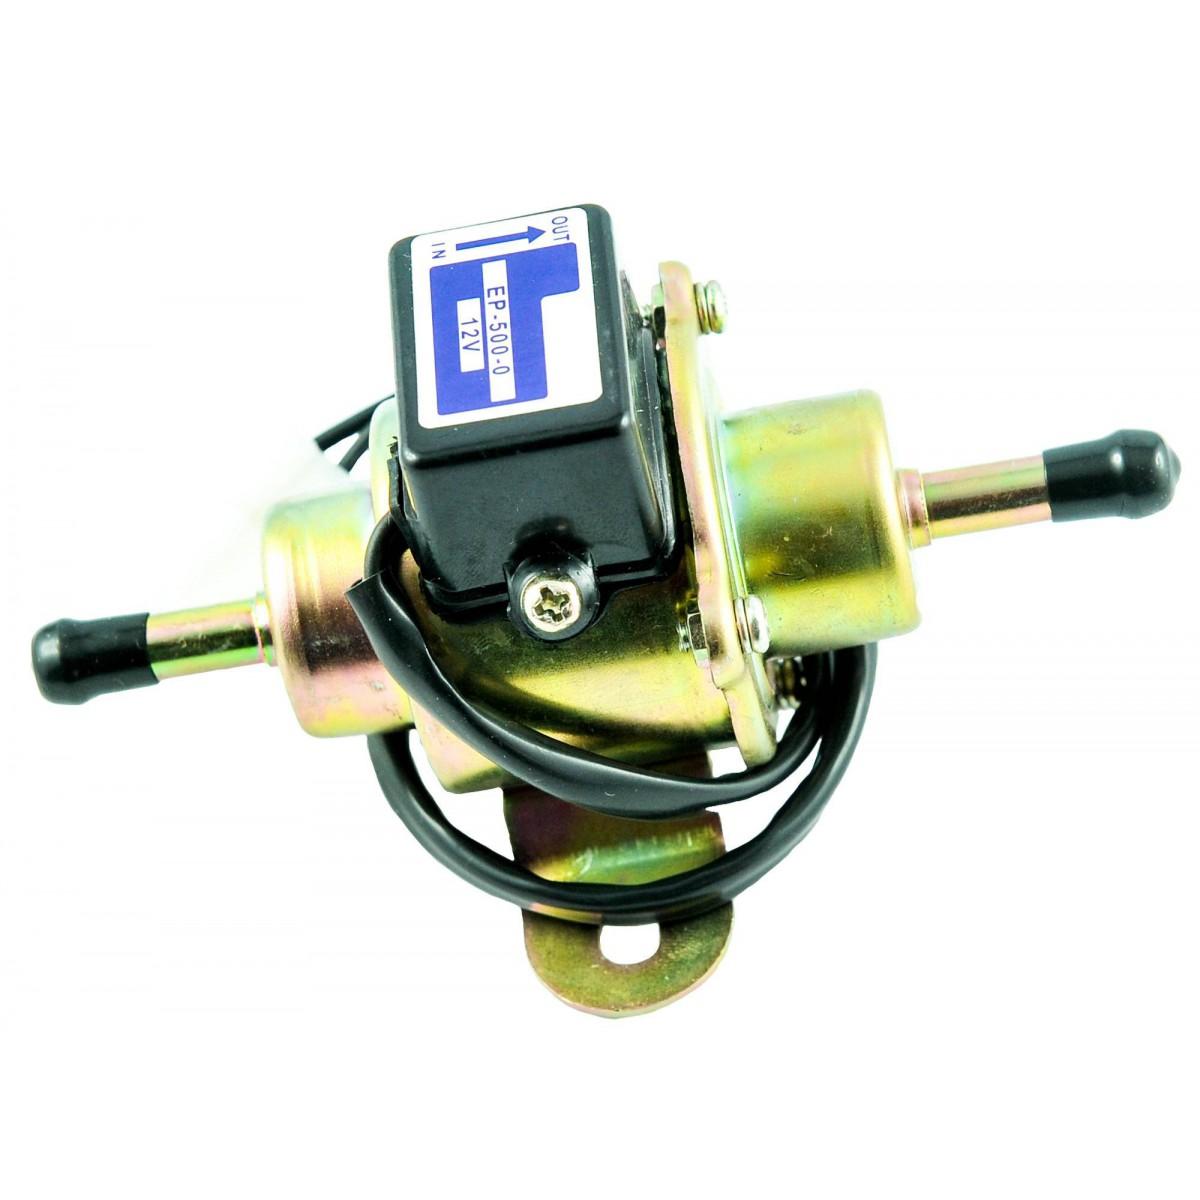 Low pressure fuel pump - EP-500